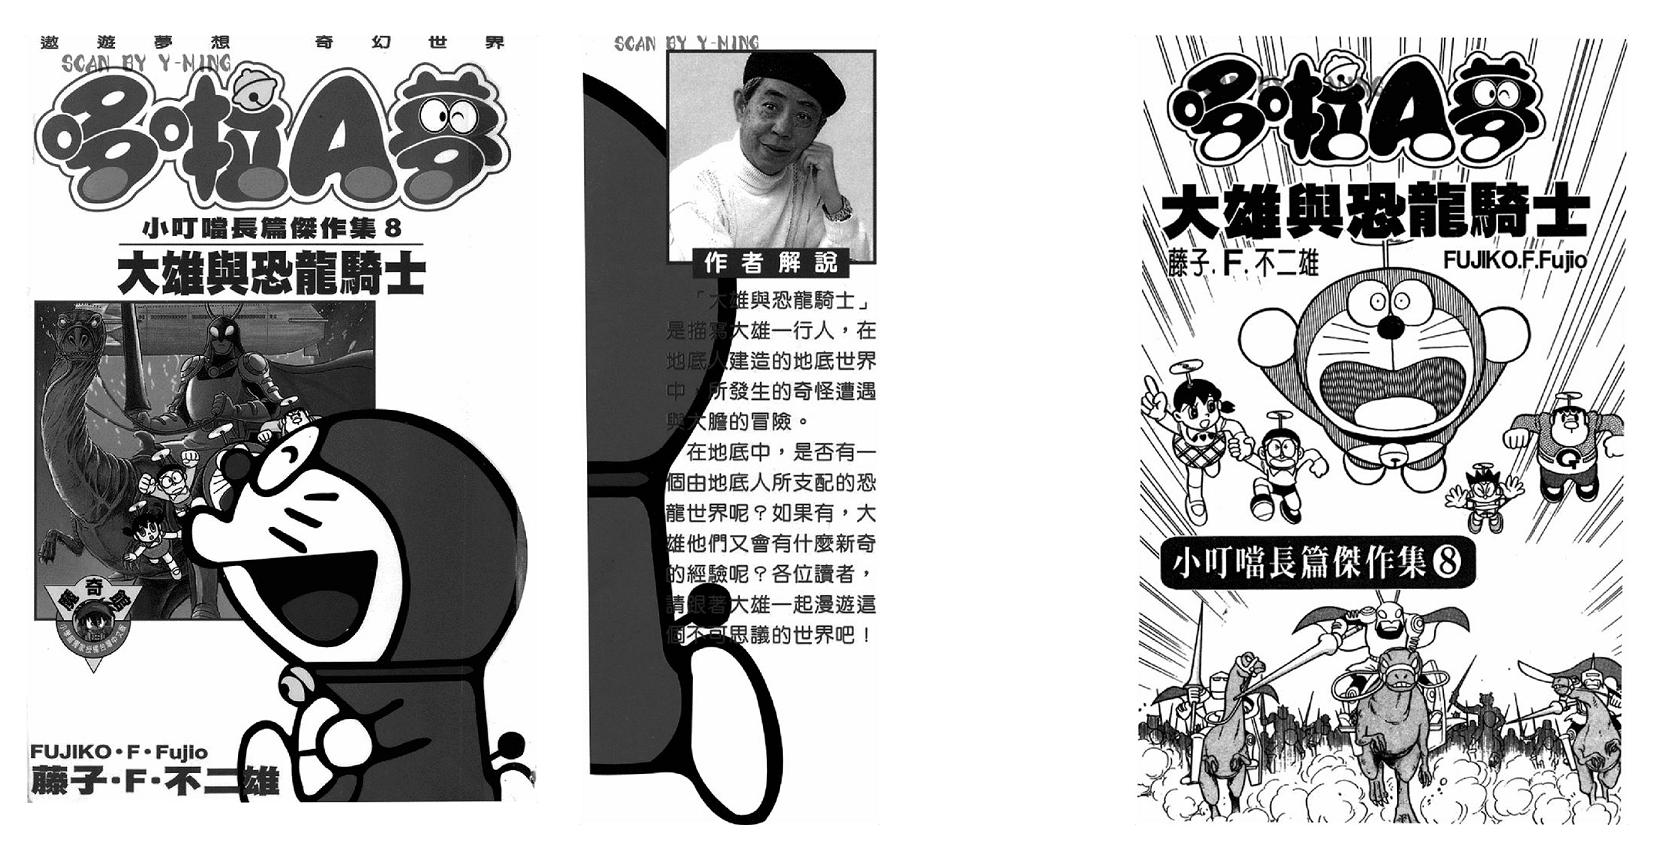 哆啦A梦漫画合集下载 mobi格式